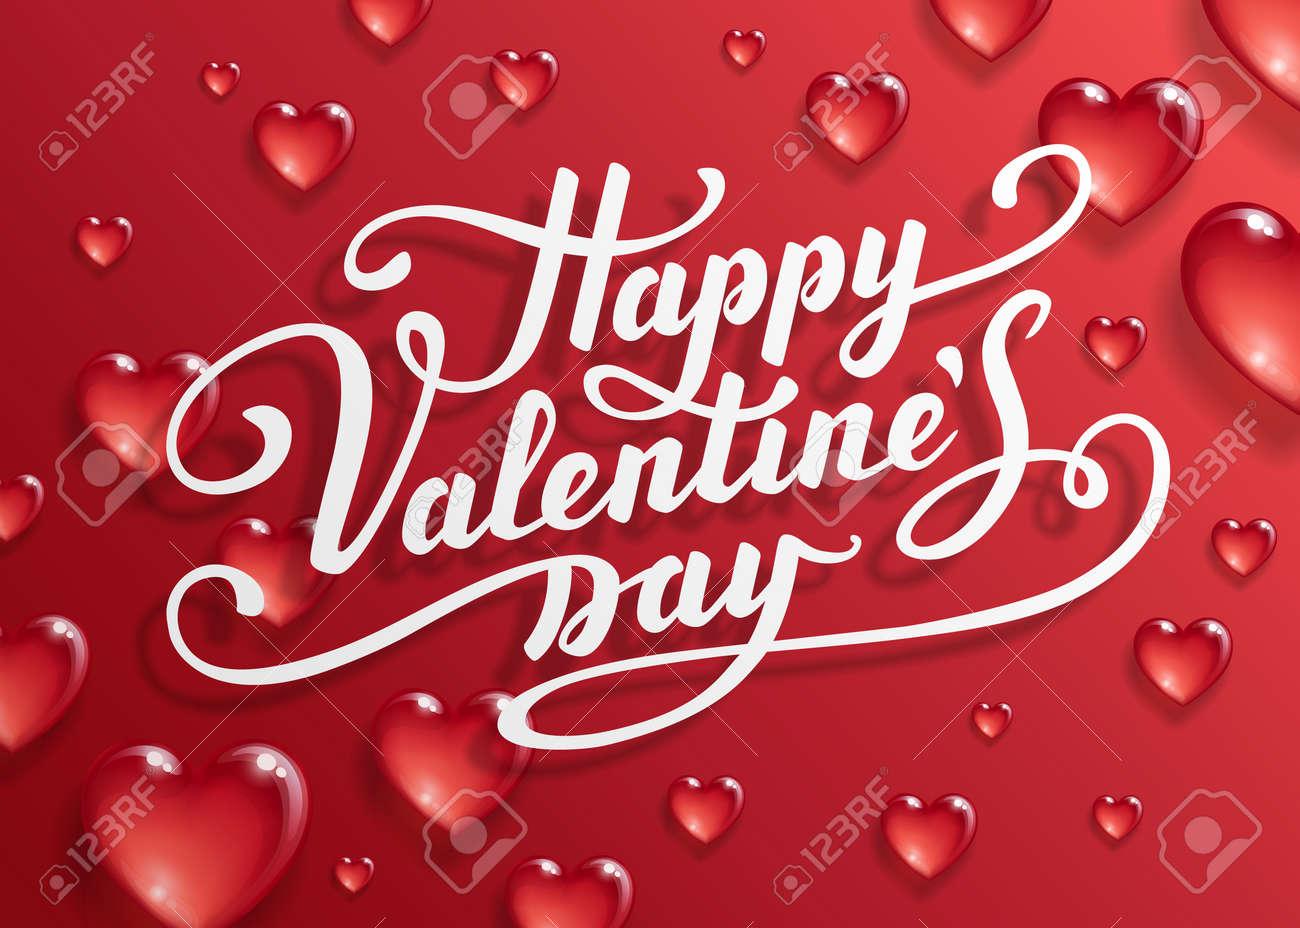 Joyeux Texte De La Saint Valentin Lettrage Calligraphique Modèle De Carte De Voeux Saint Valentin Illustration Vectorielle